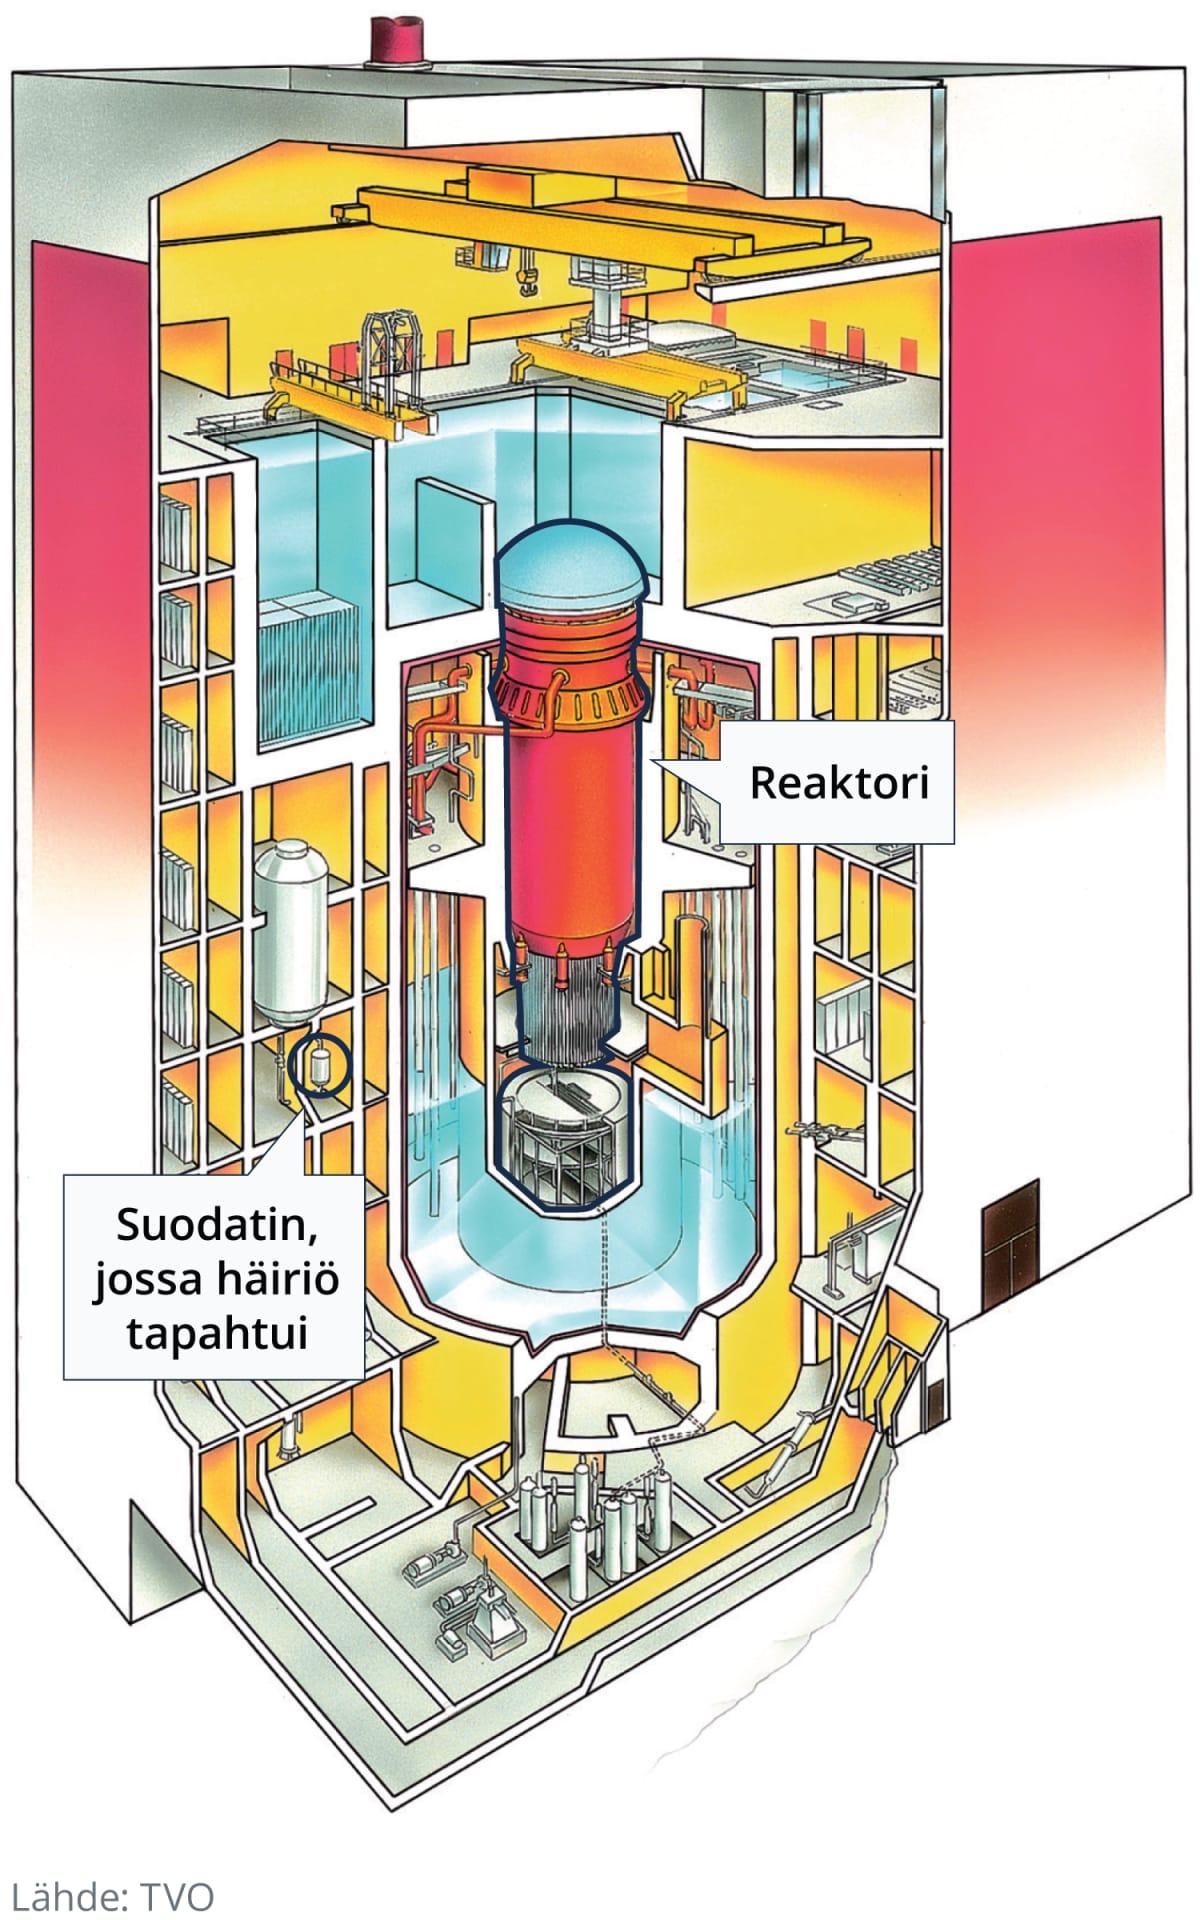 Reaktorin läpileikkaus, joka näyttää suodattimen, jossa häiriö tapahtui